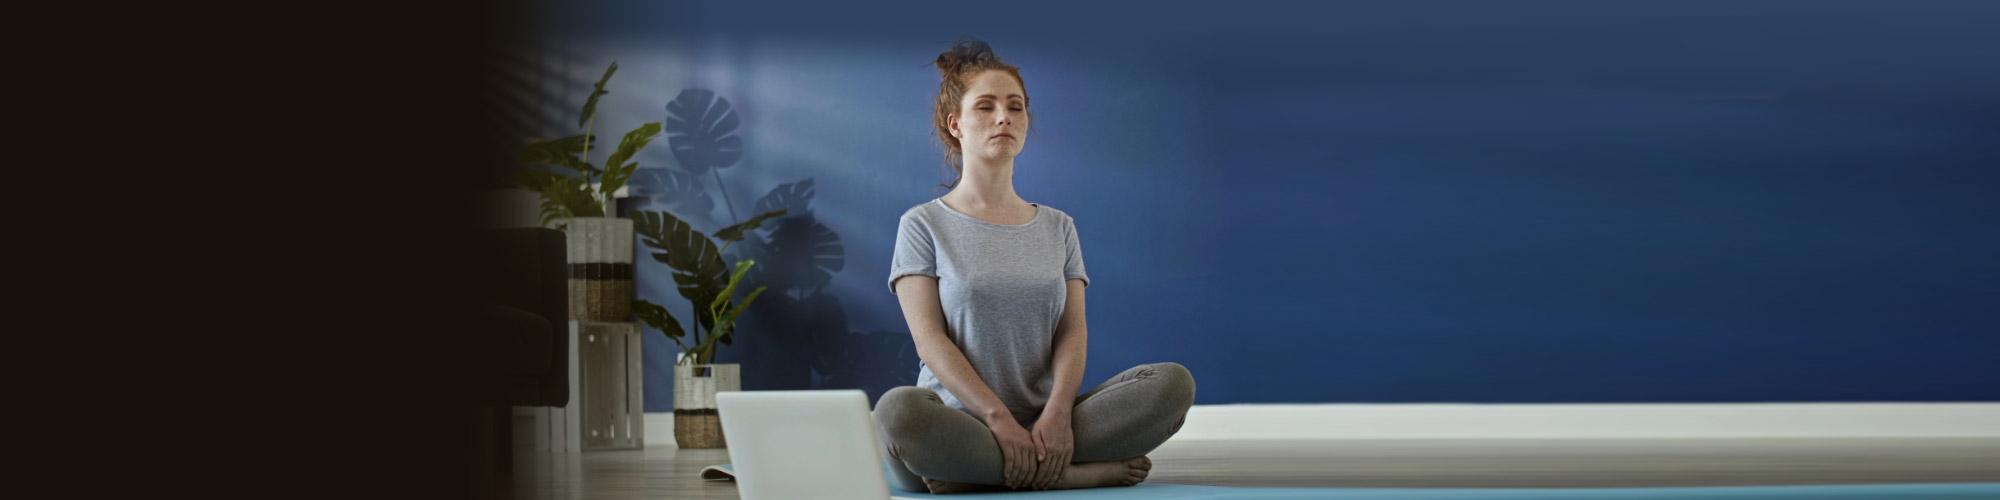 3 ontspanningsoefeningen bij stress & burnout